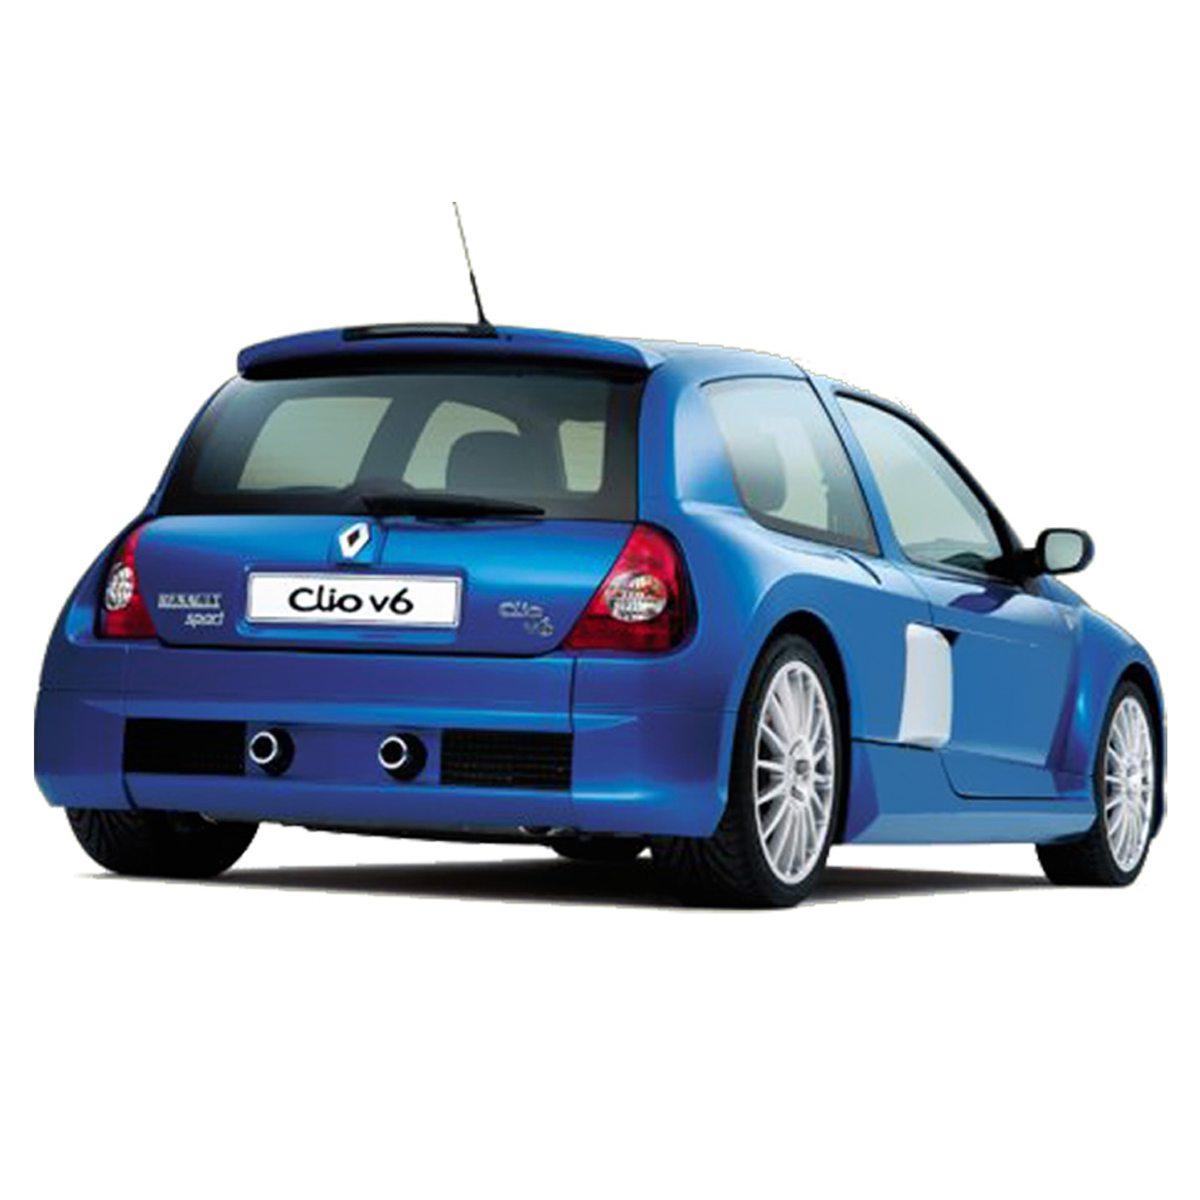 Renault-Clio-II-01-05-Abas-Guarda-Lamas-V6